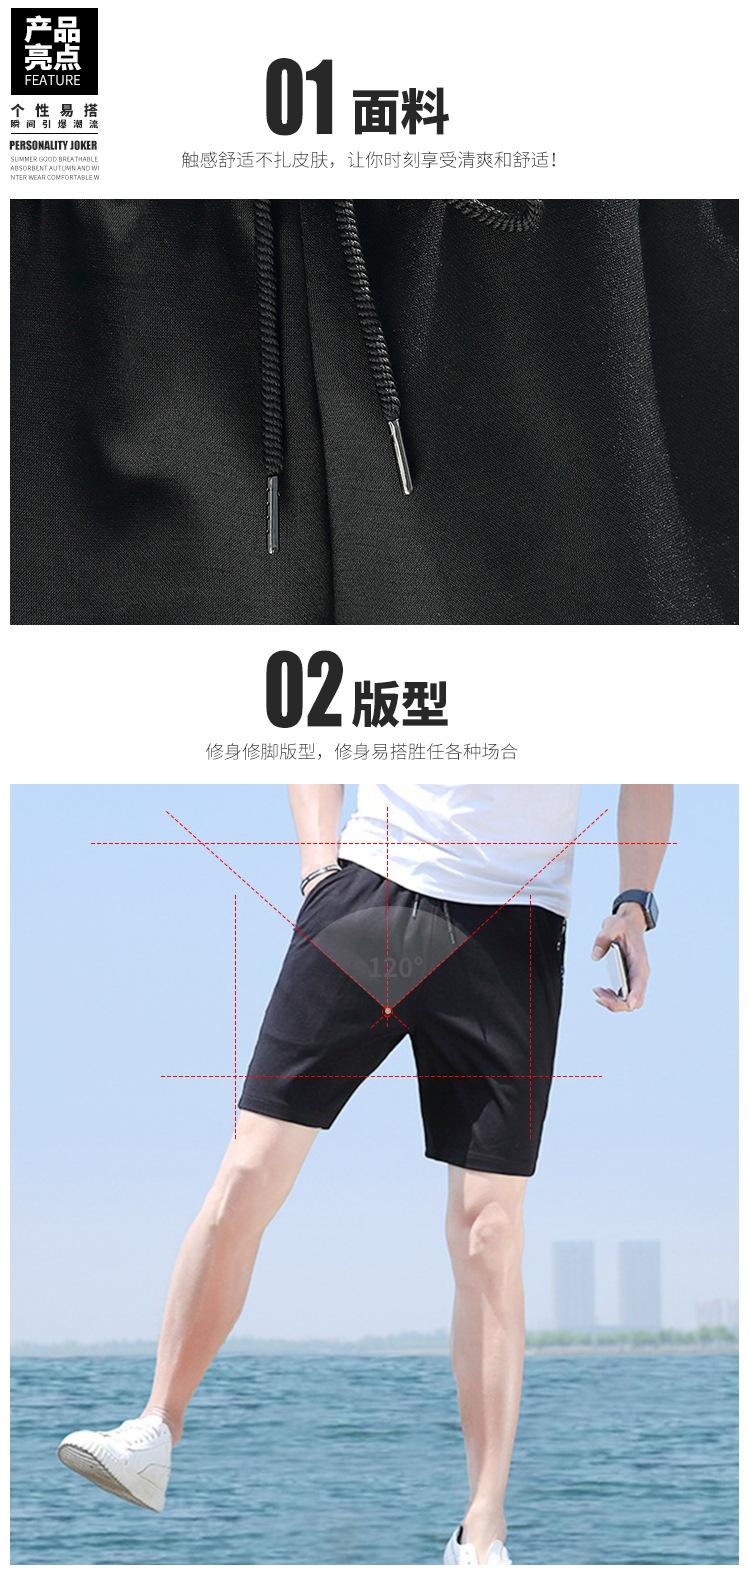 夏季男士短裤 韩版透气修身五分裤 中国风运动速干弹力沙滩裤示例图2